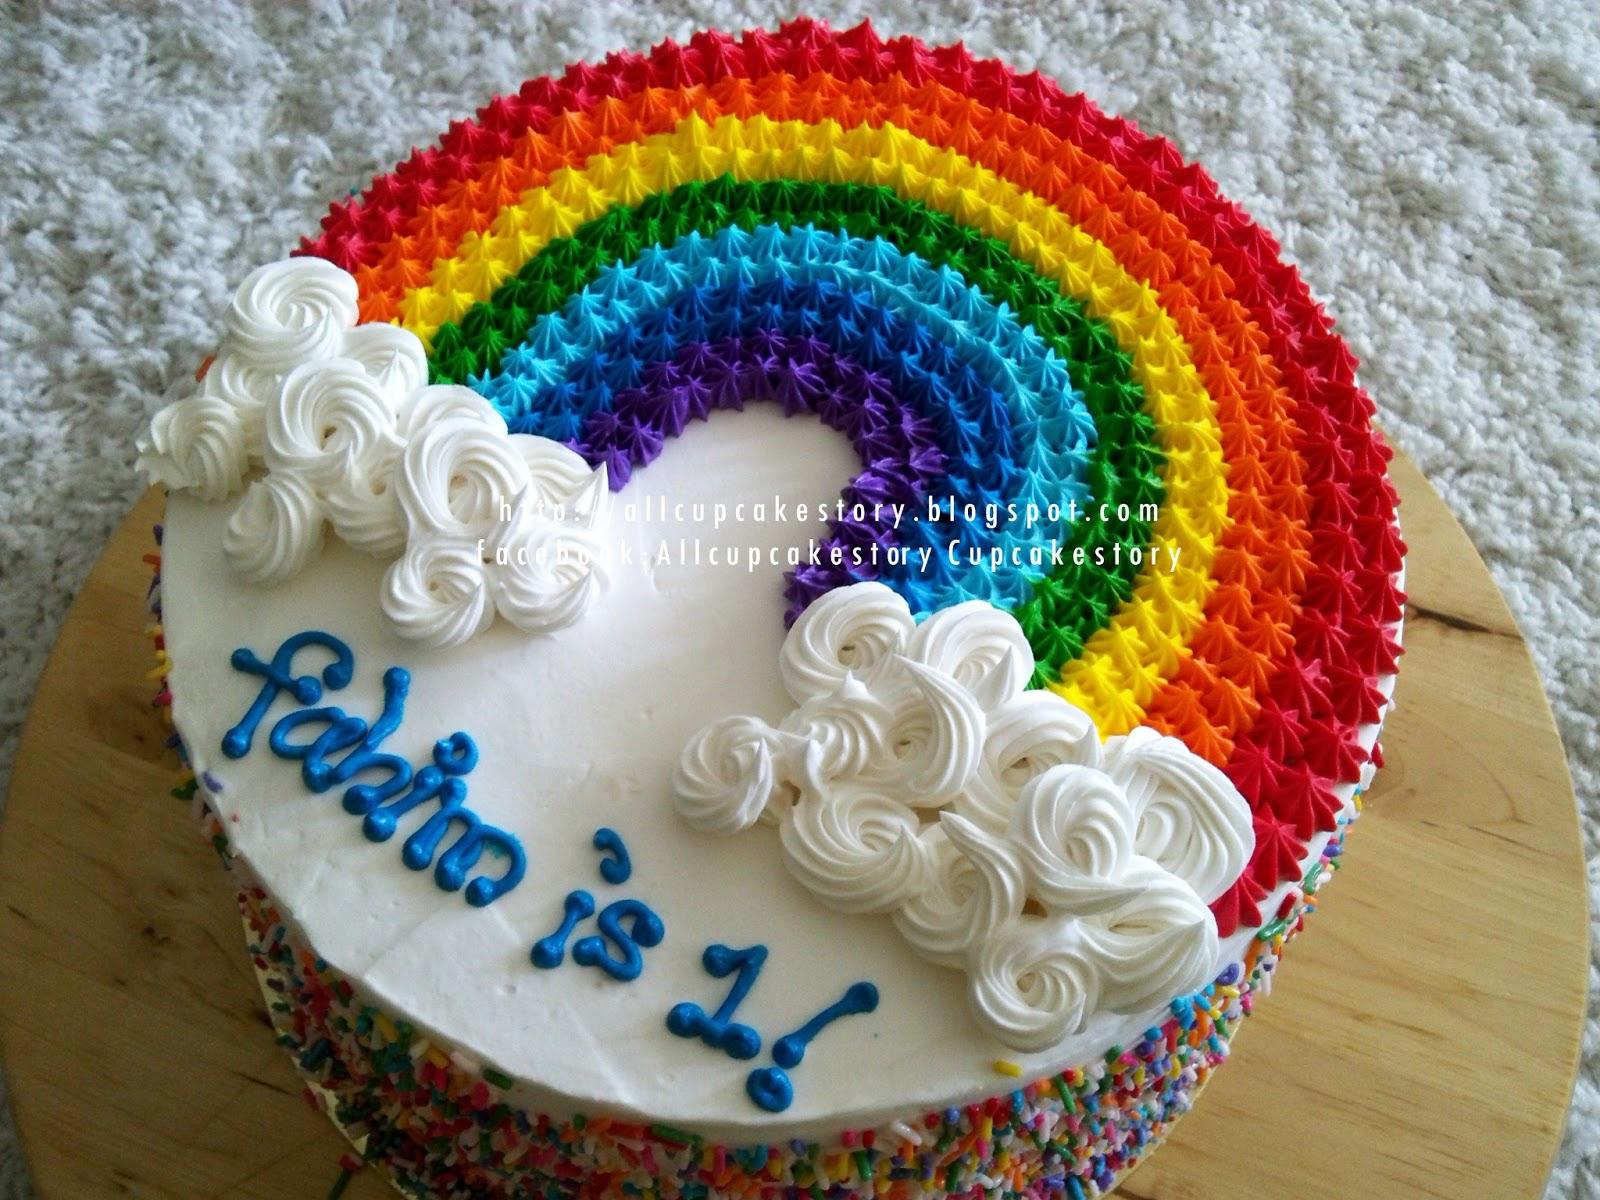 Allcupcakestory Rainbow Theme Cake